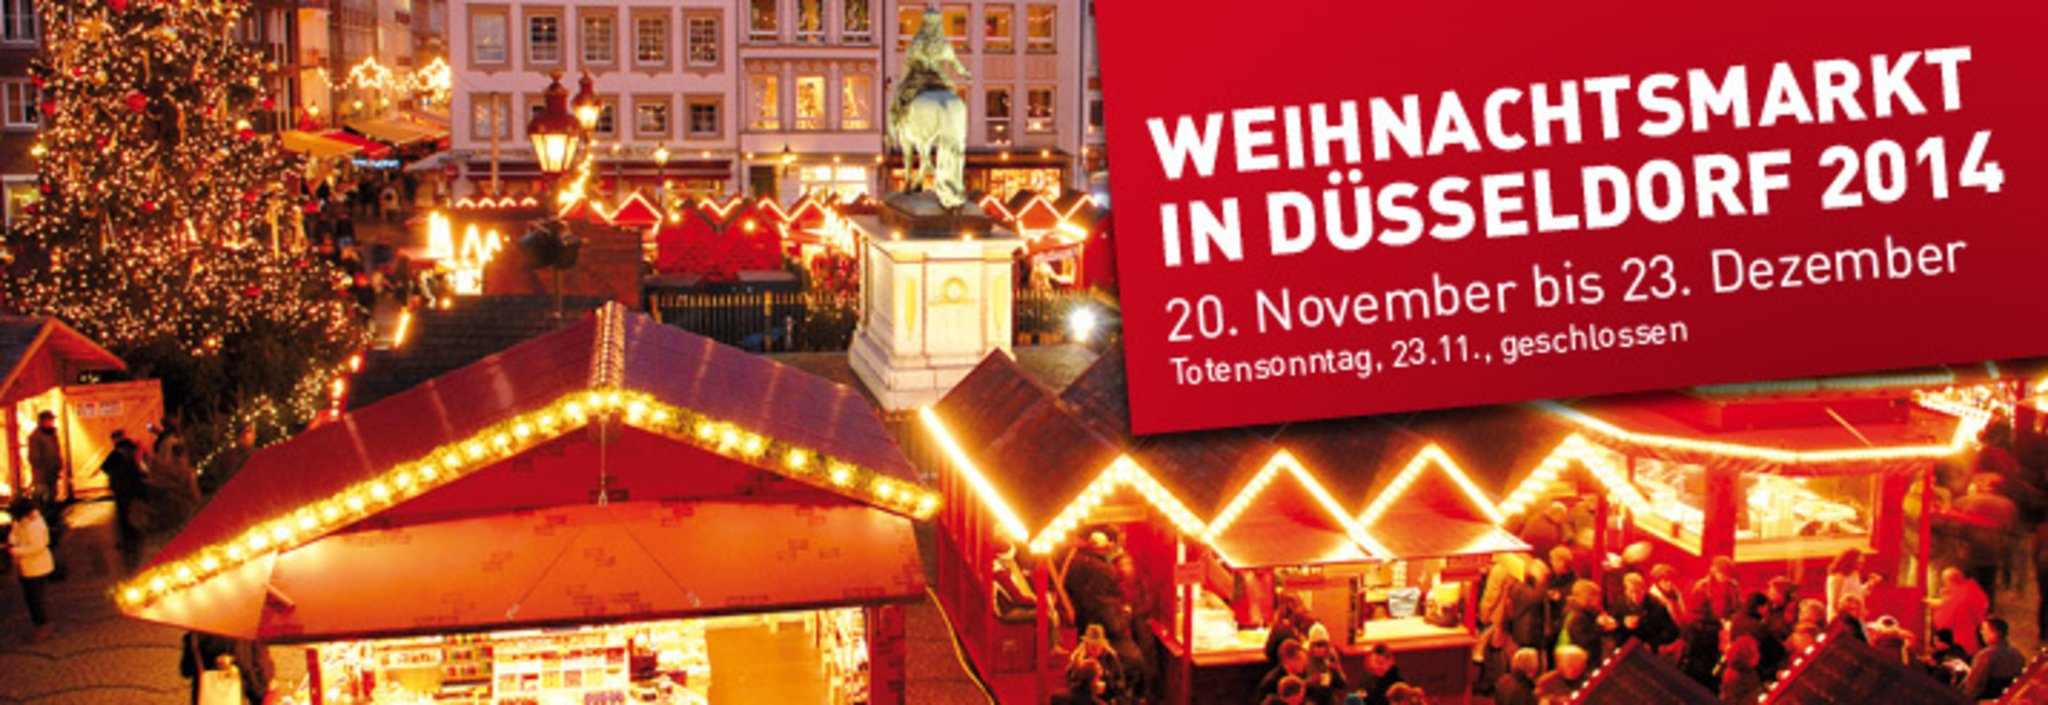 Totensonntag Weihnachtsmarkt.Düsseldorfer Weihnachtsmarkt Adventszauber Mit Nostalgiehütten